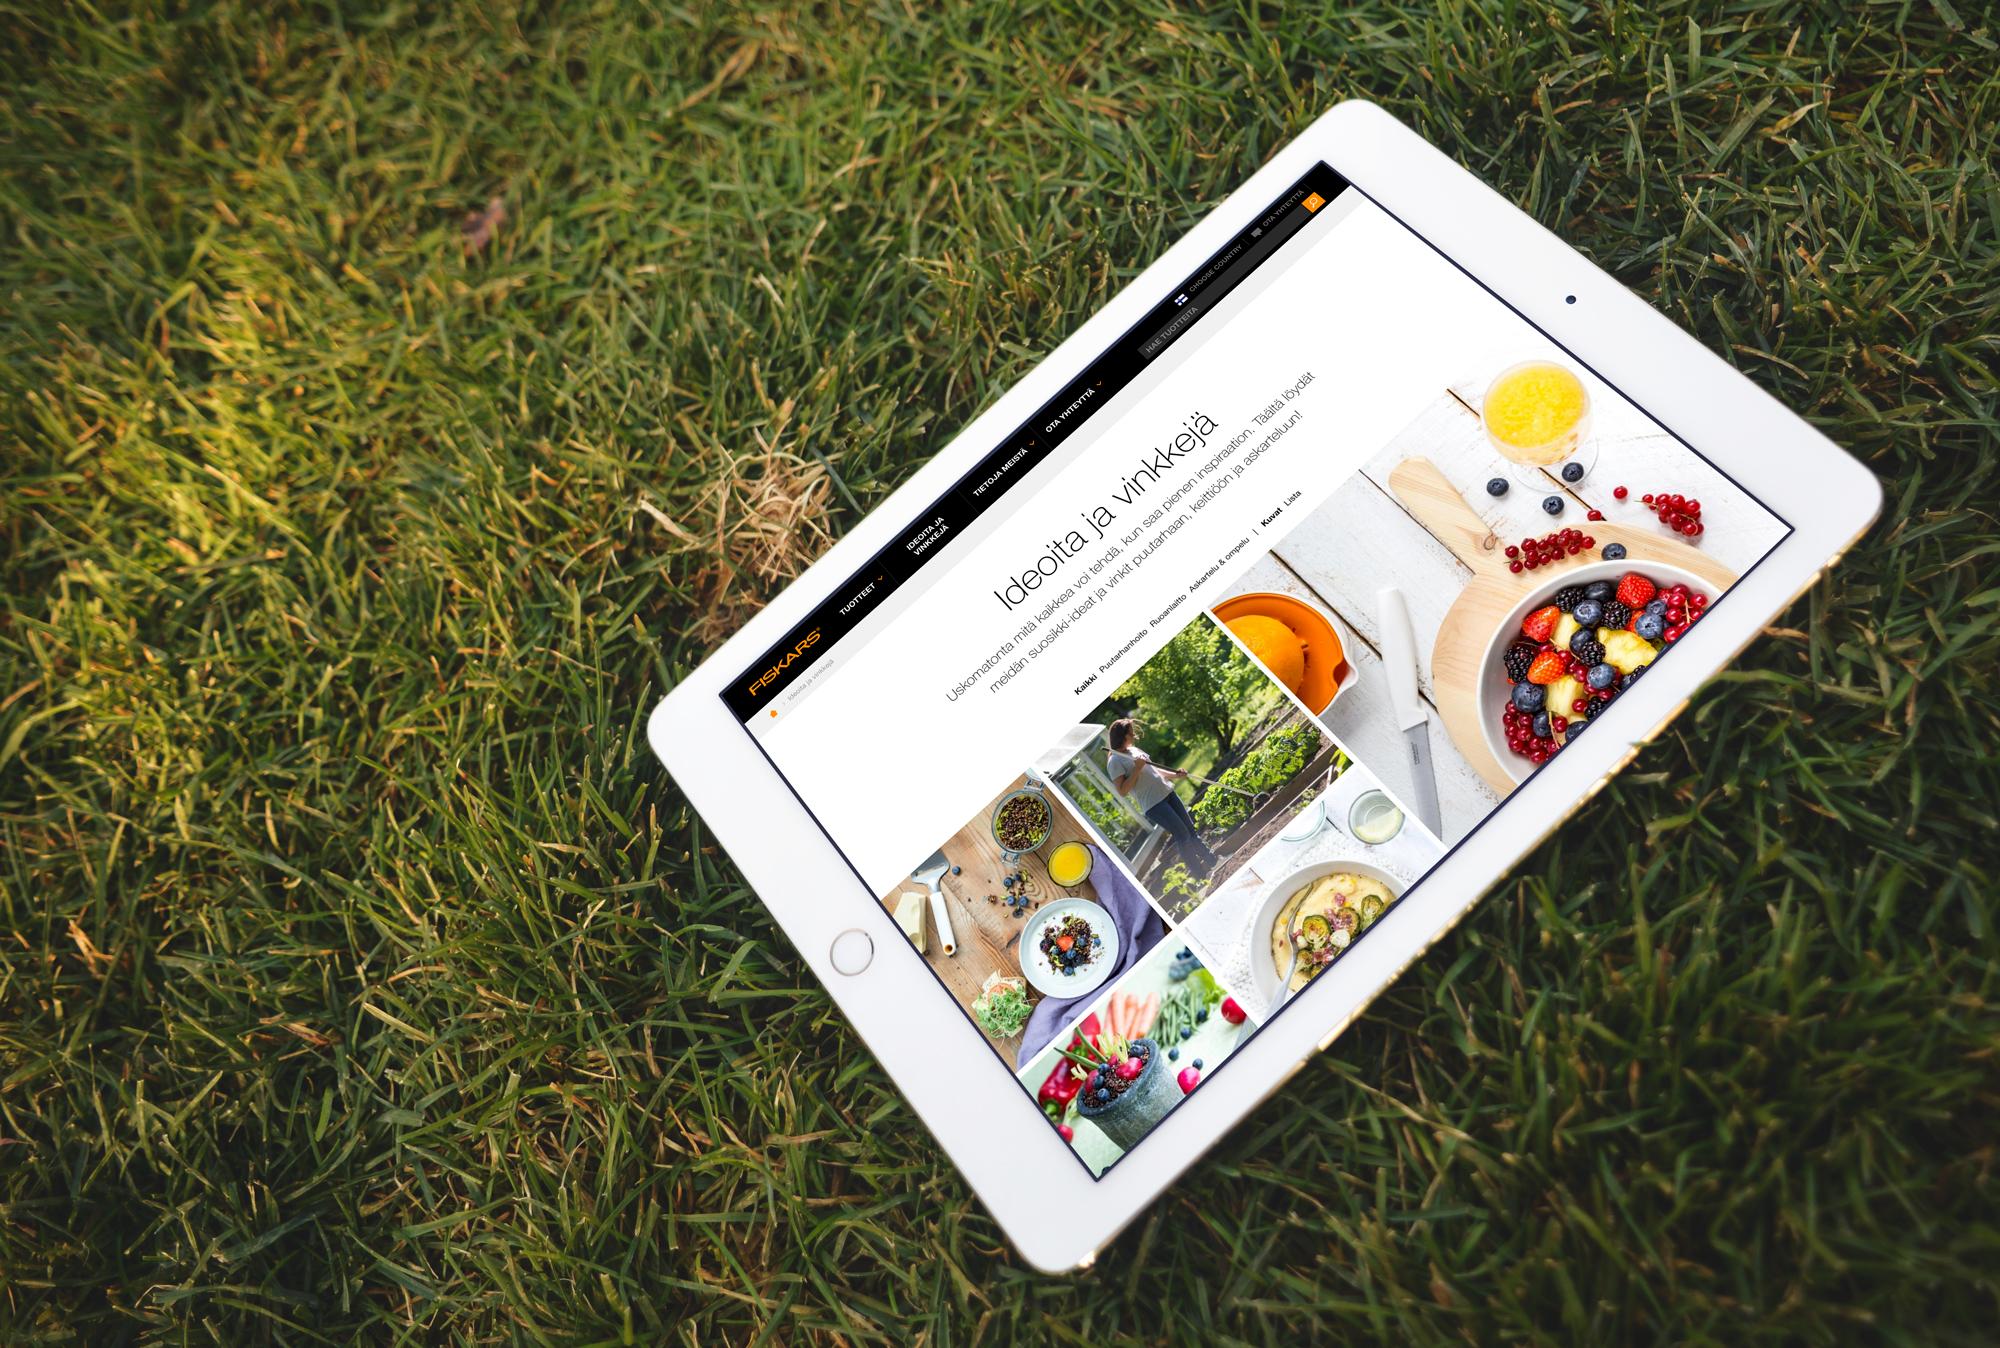 Fiskars home page on ipad